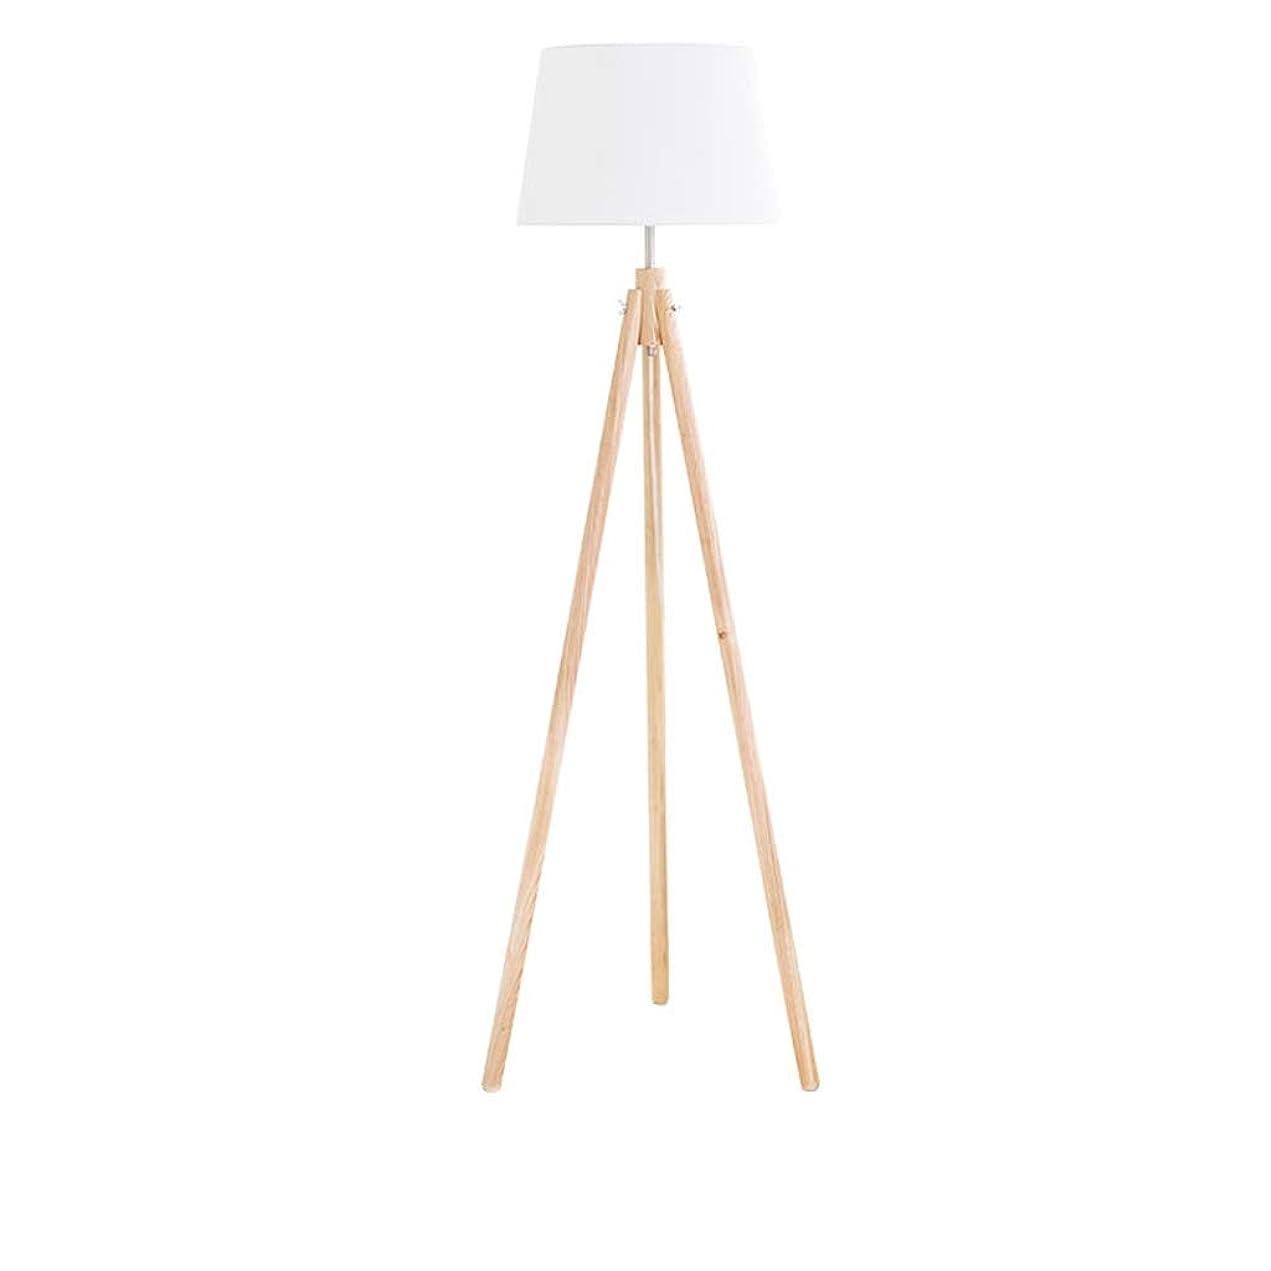 呼吸するしょっぱい複数フロアスタンド 木製三脚フロアランプ、E27ランプベース付き亜麻色のランプシェード、リビングルーム、ベッドルーム、書斎、オフィス用のモダンなデザインの読書フロアライトランプH158cm ホーム屋内照明フロアスタンド?ランプ (Color : White, サイズ : 43*38*158cm)